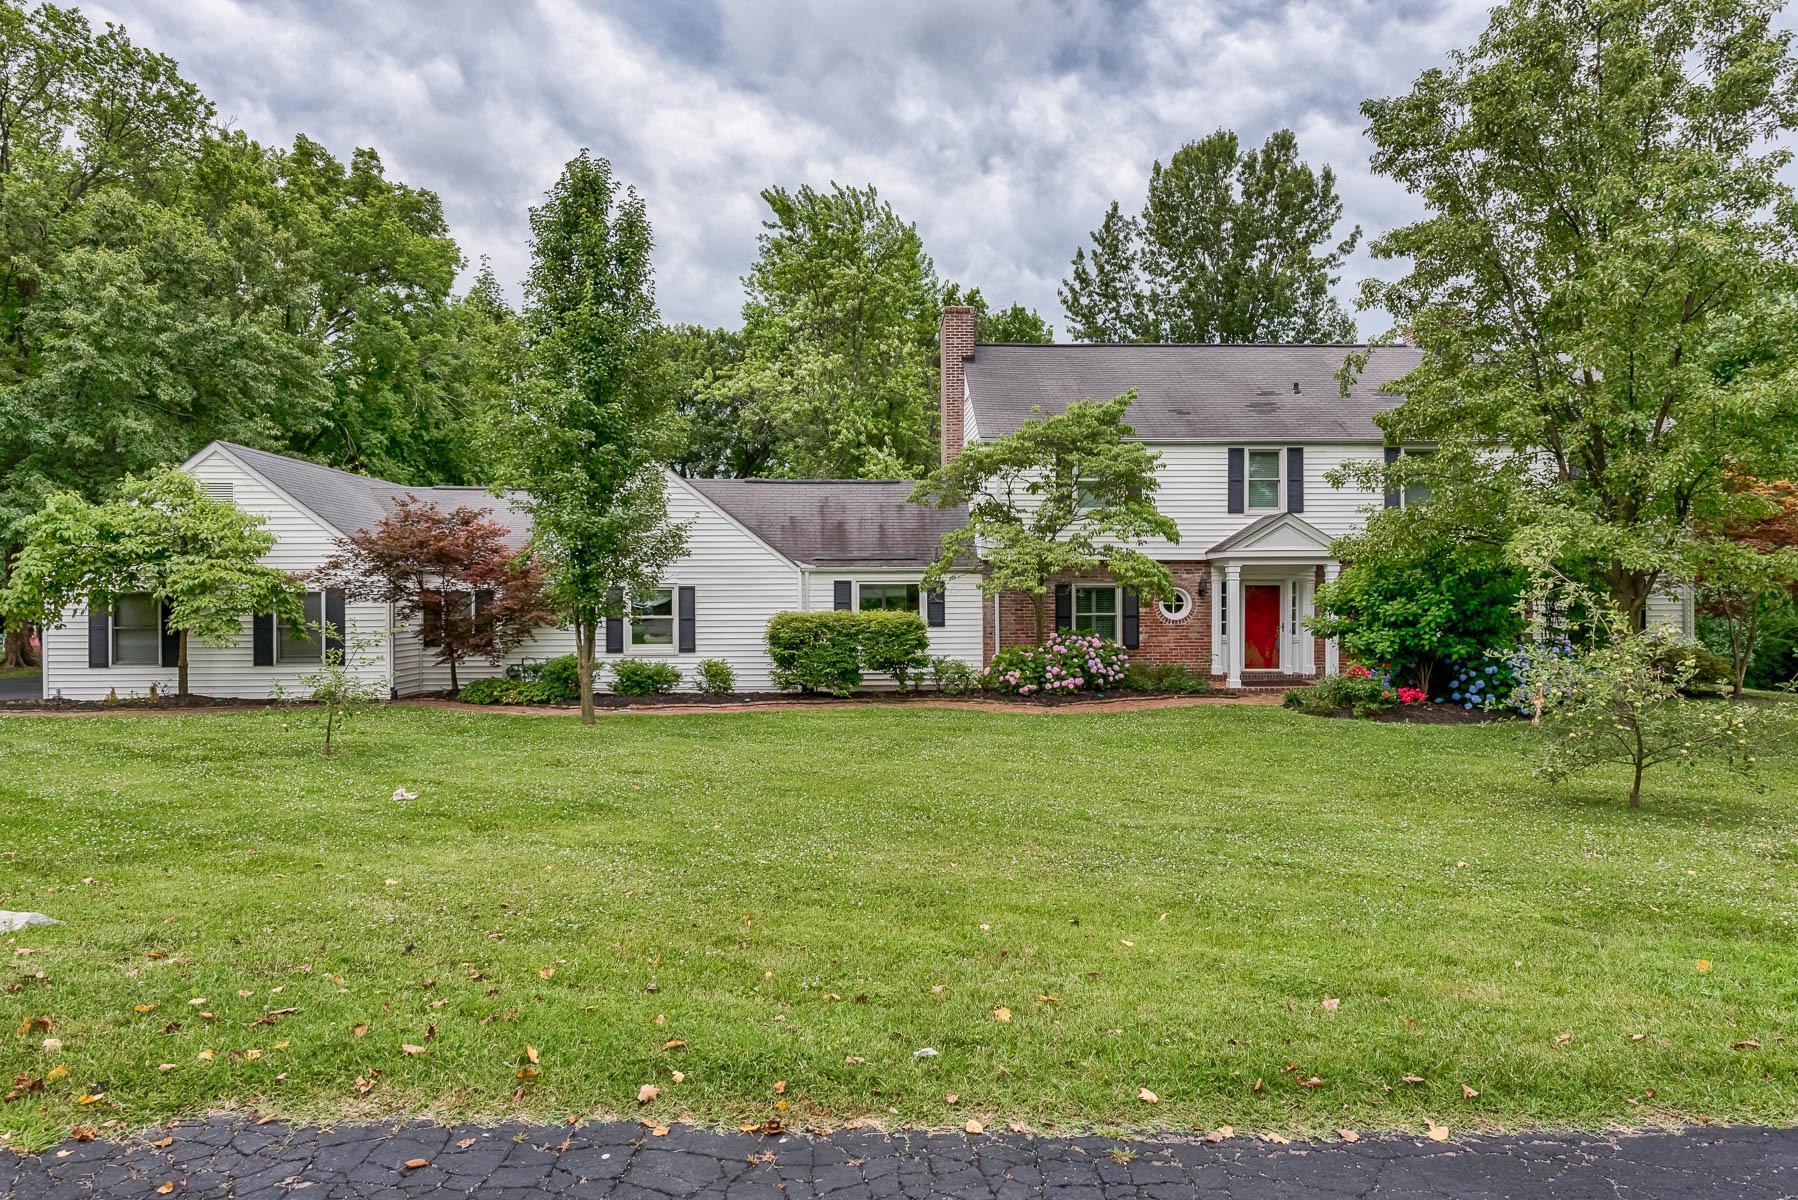 Casa para uma família para Venda às Colonial Hills 16 Colonial Hills Parkway Creve Coeur, Missouri, 63141 Estados Unidos